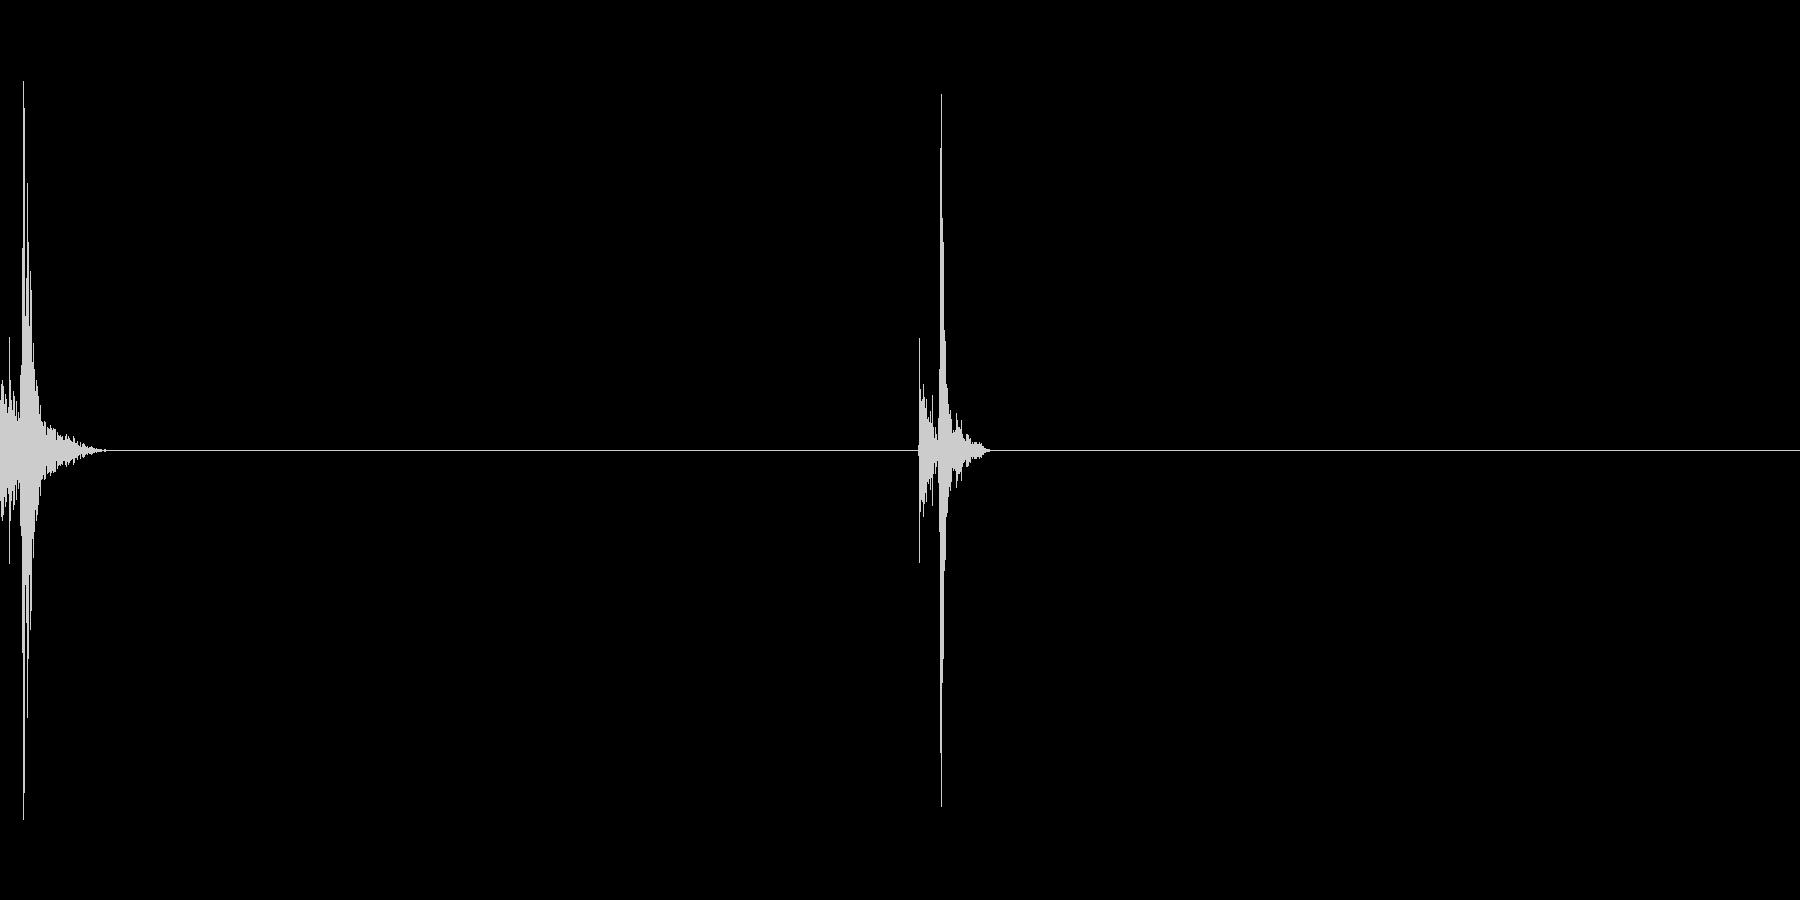 時計、タイマー、ストップウォッチ_C_1の未再生の波形